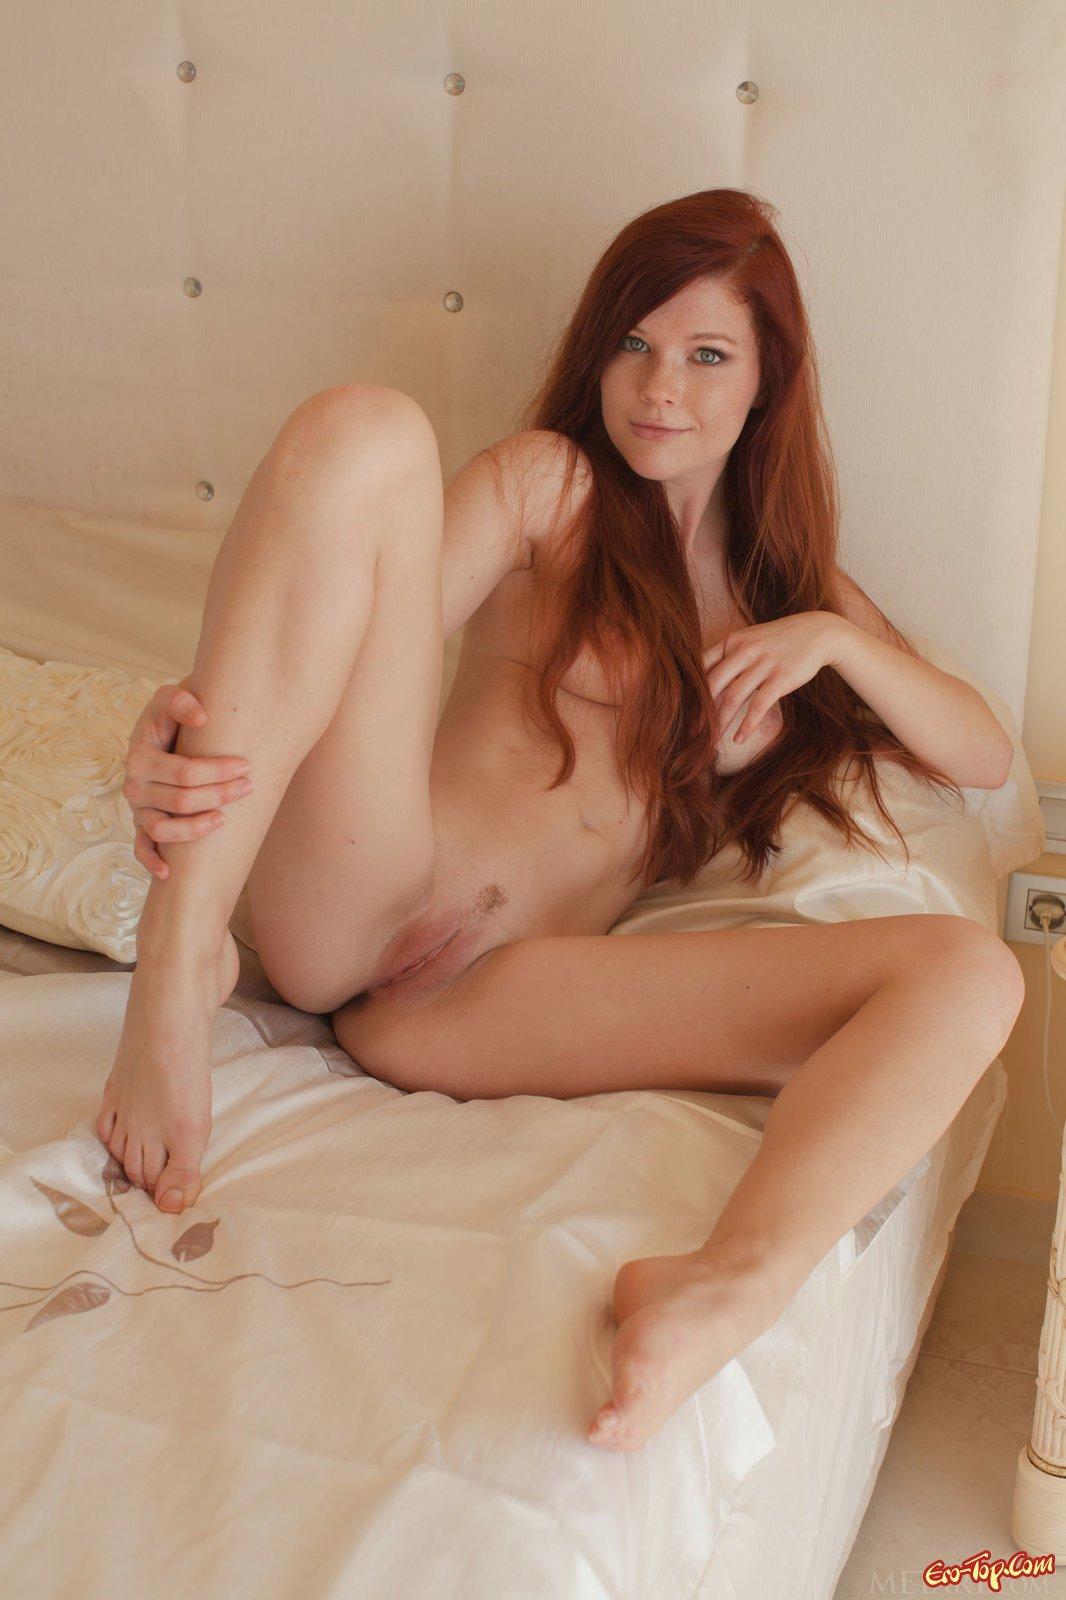 Рыжеволосая милашка раздевается и позирует в постели секс фото